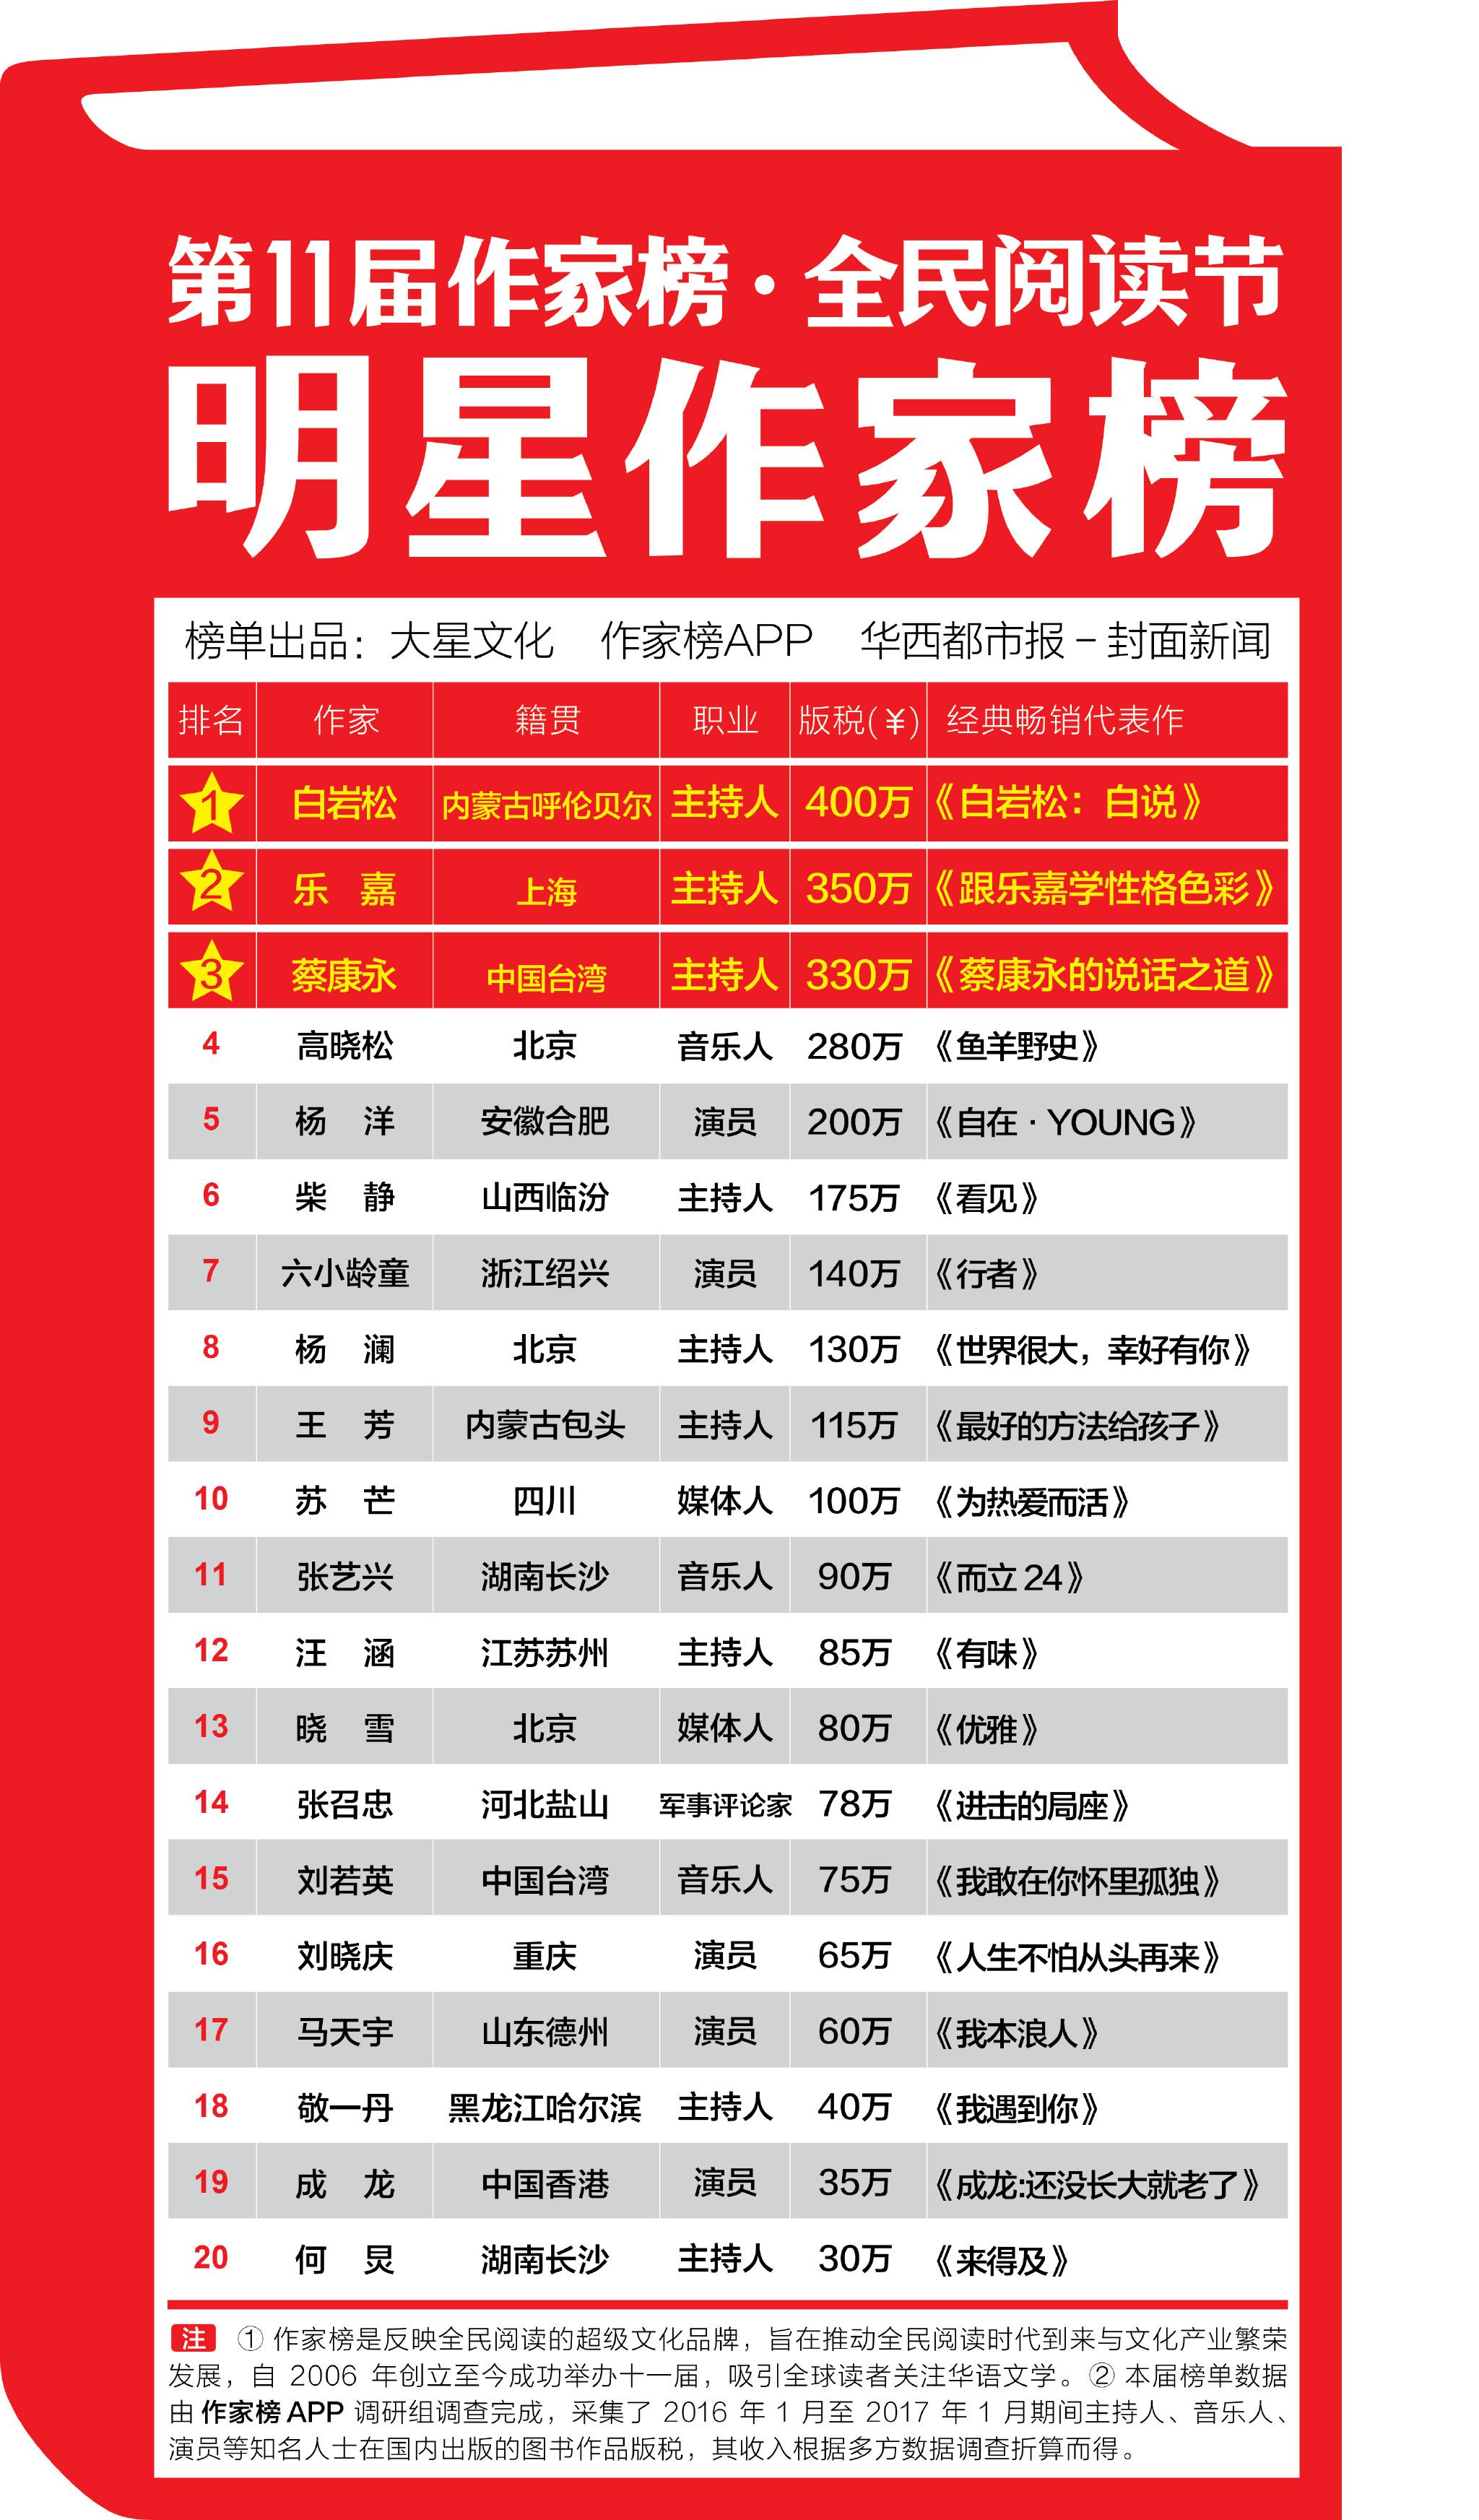 2019年作家收入排行榜_艾瑞 2018年中国网络文学作者白皮书 Useit 知识库